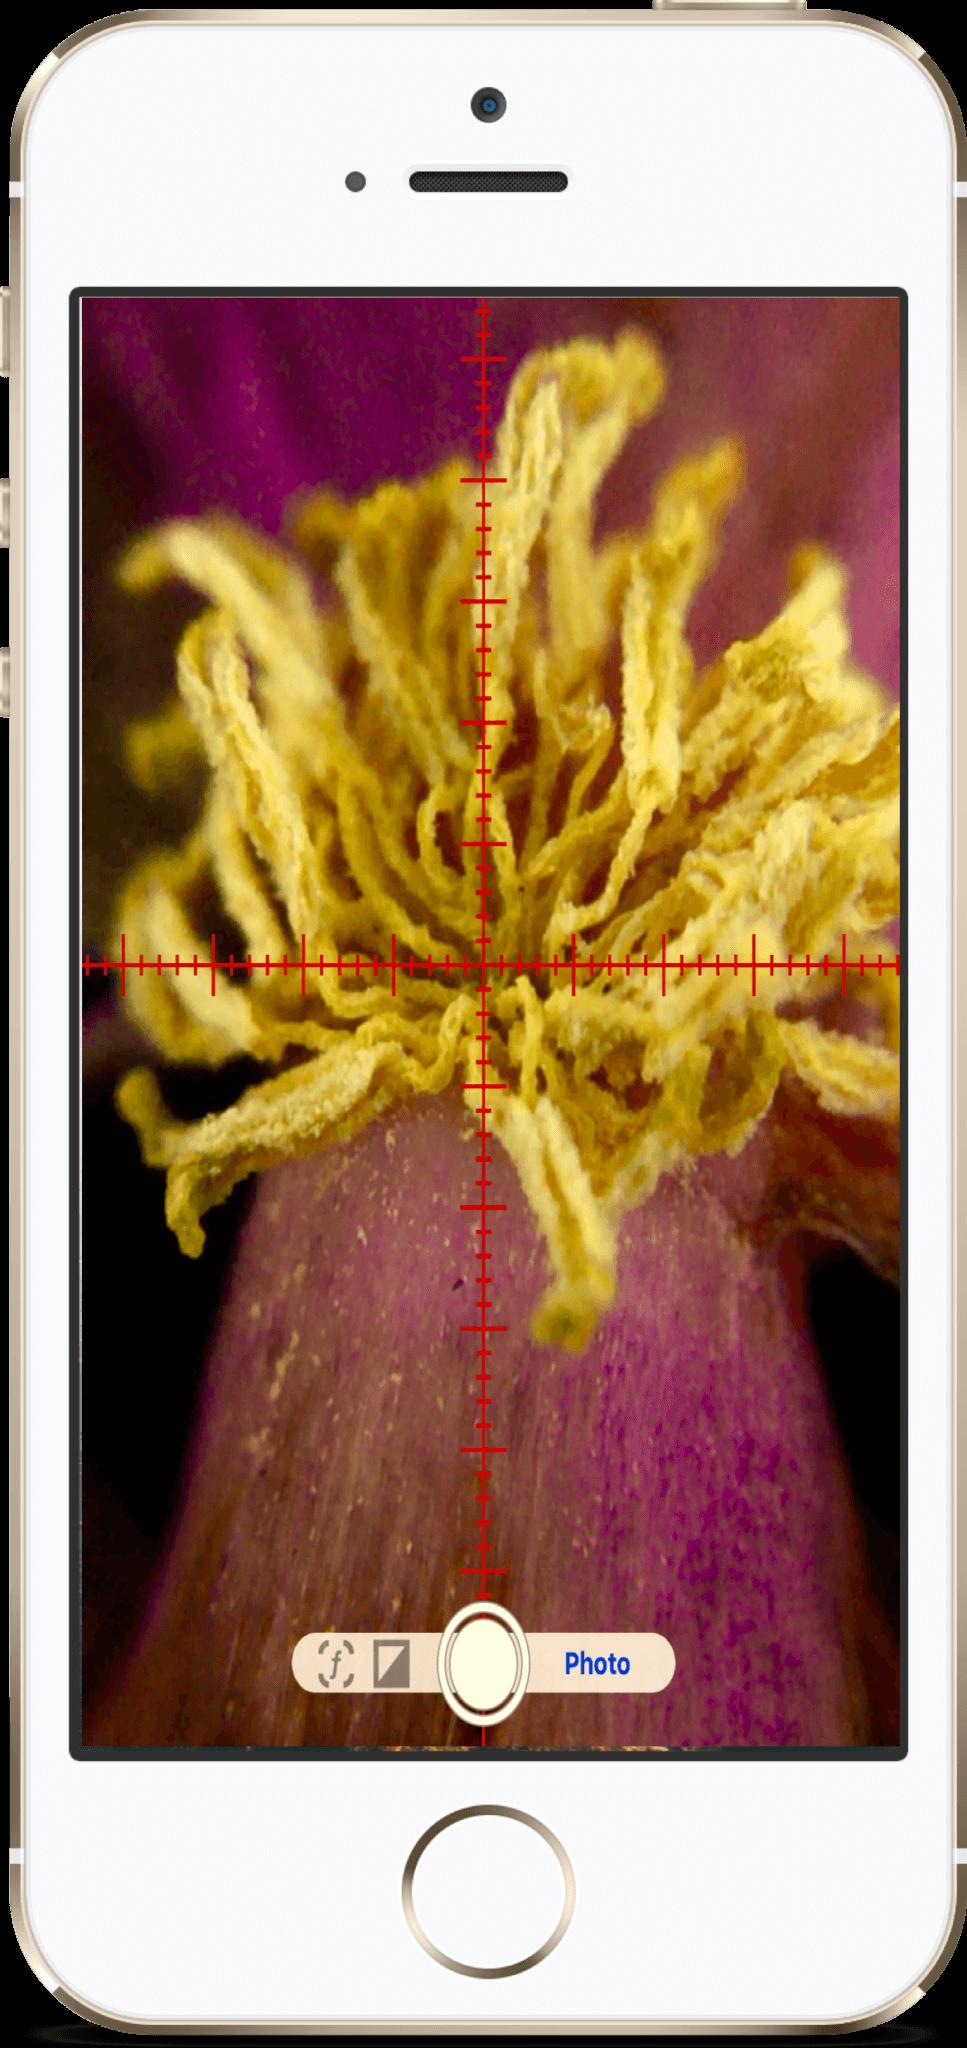 Proscopeapp7 Microscope App